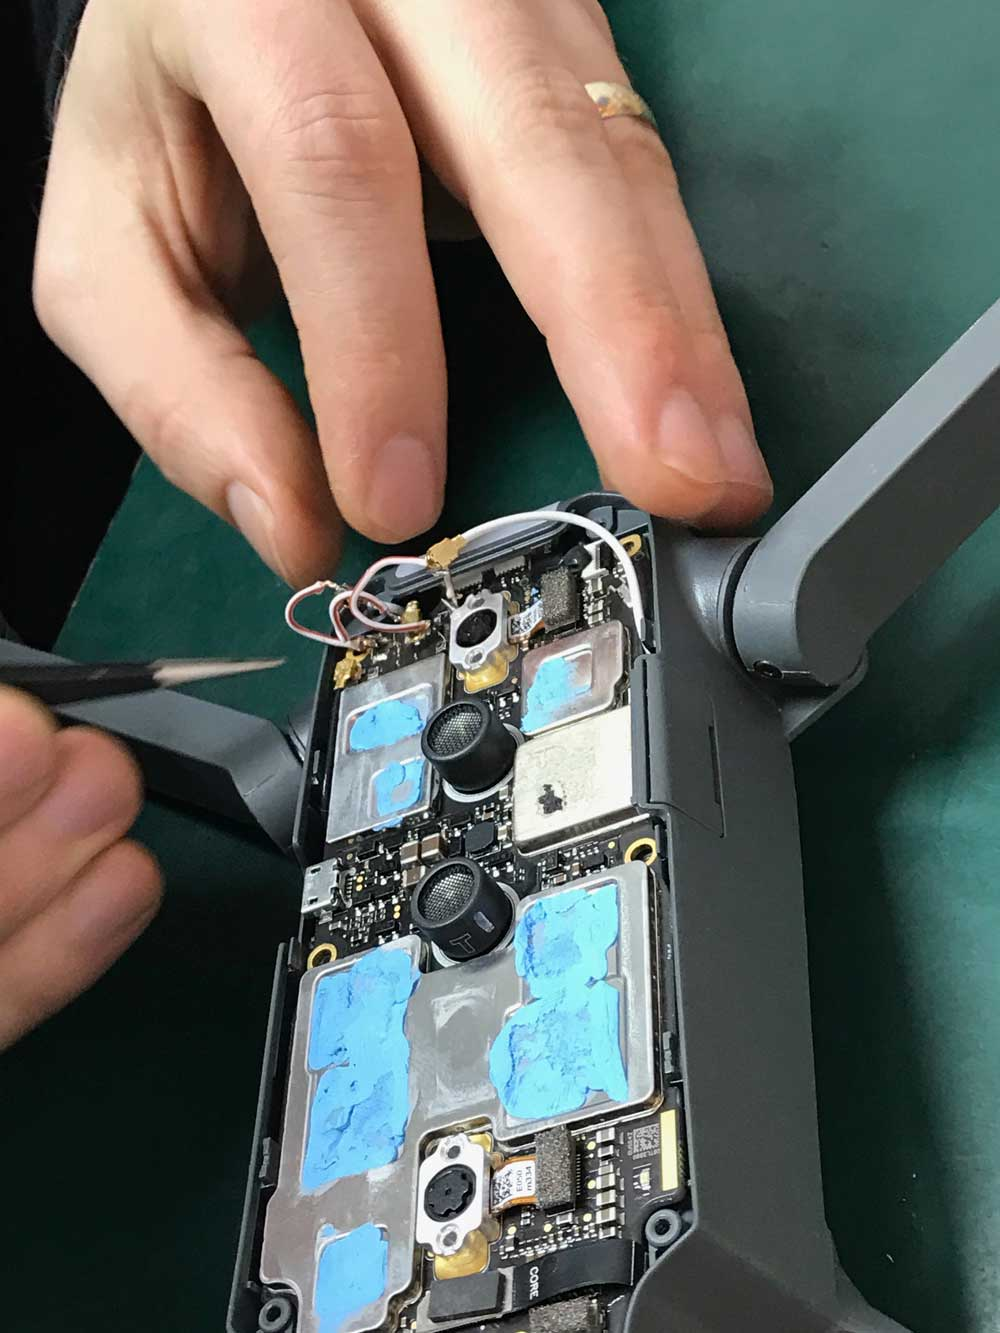 DJI Mavic Pro Repair